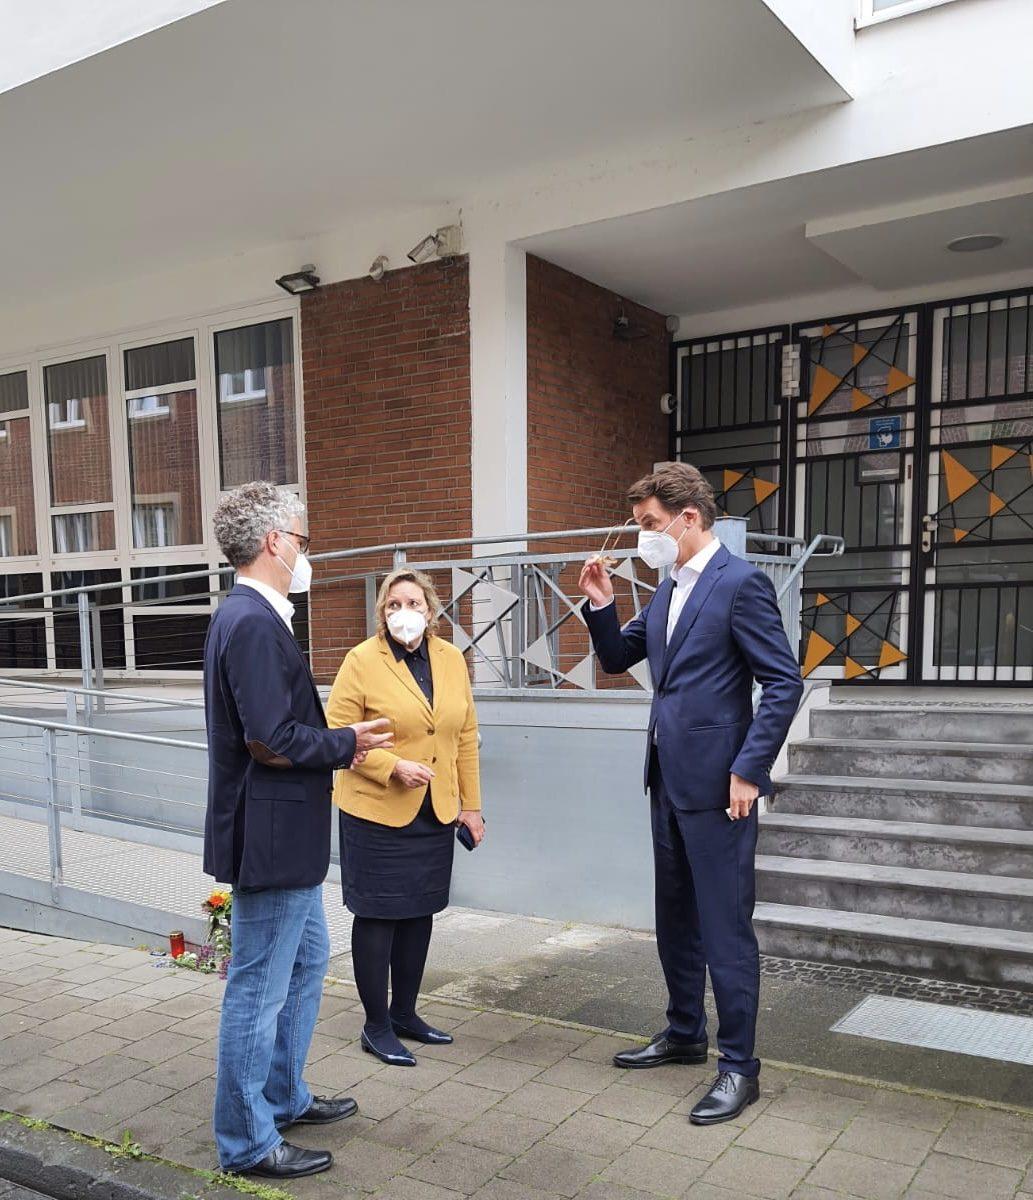 Landtagsabgeordnete Stefan Nacke und Simone Wendland mit dem Minister für Verkehr des Landes Nordrhein-Westfalen Hendrik Wüst